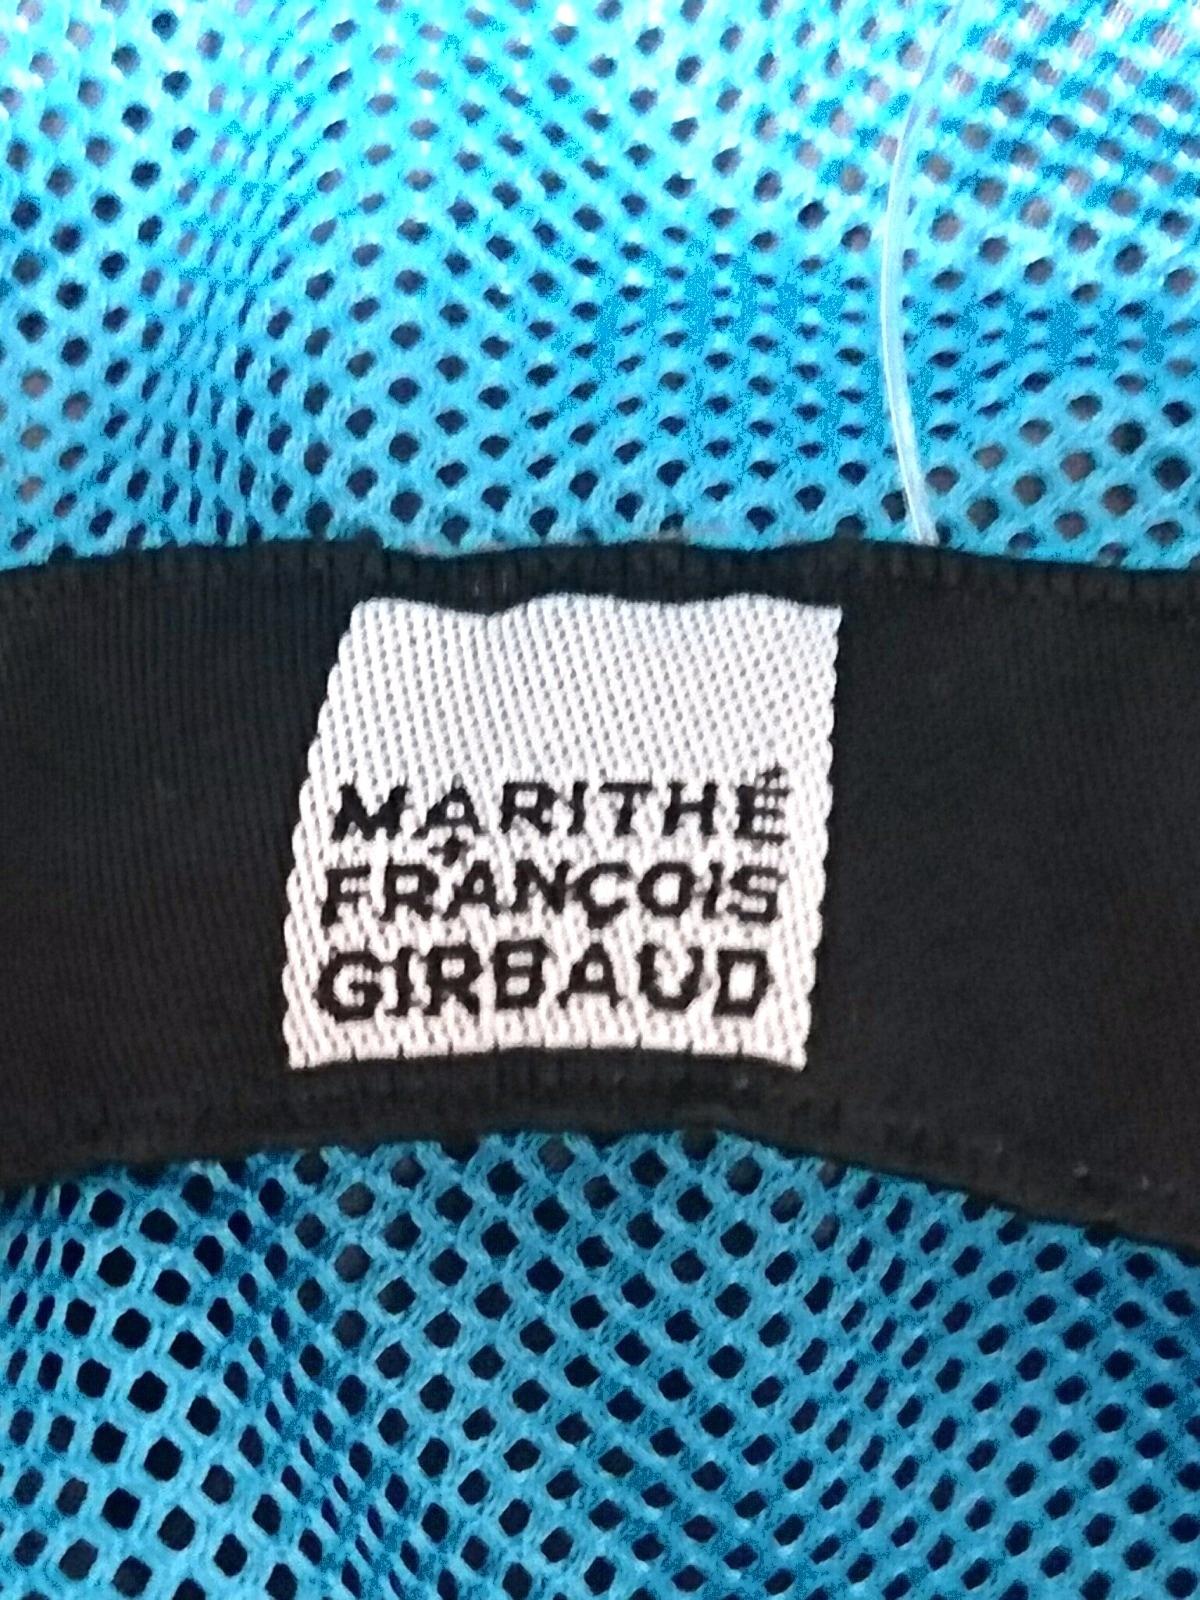 MARITHE FRANCOIS GIRBAUD(マリテフランソワジルボー)のジャージ